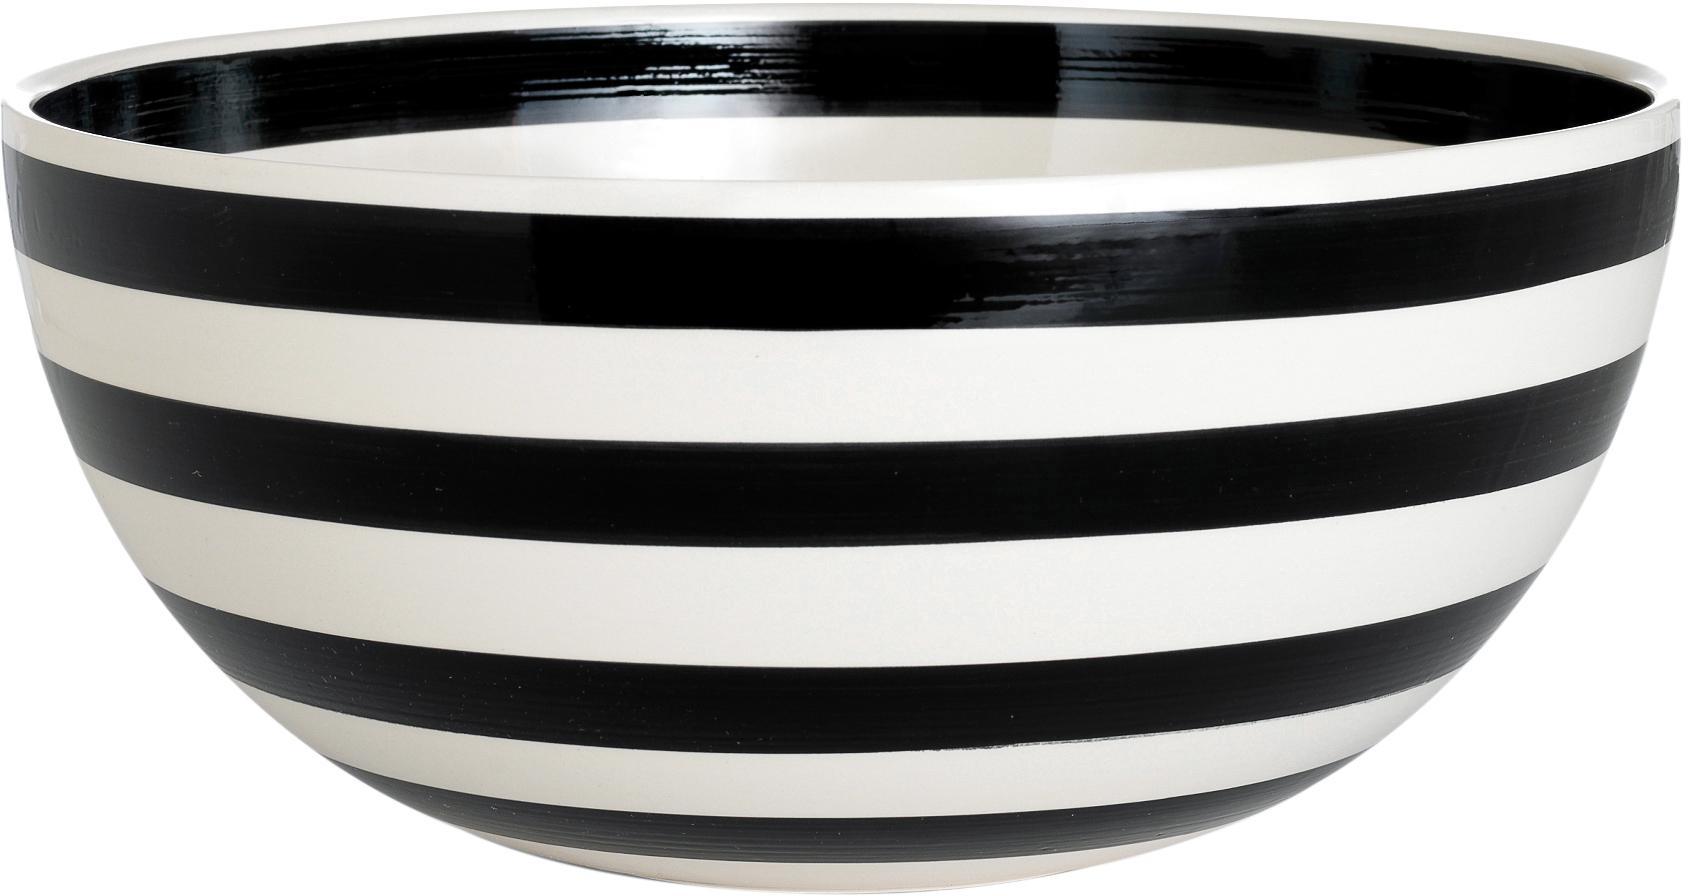 Misa Omaggio, Ceramika, Czarny, biały, Ø 30 x W 14 cm